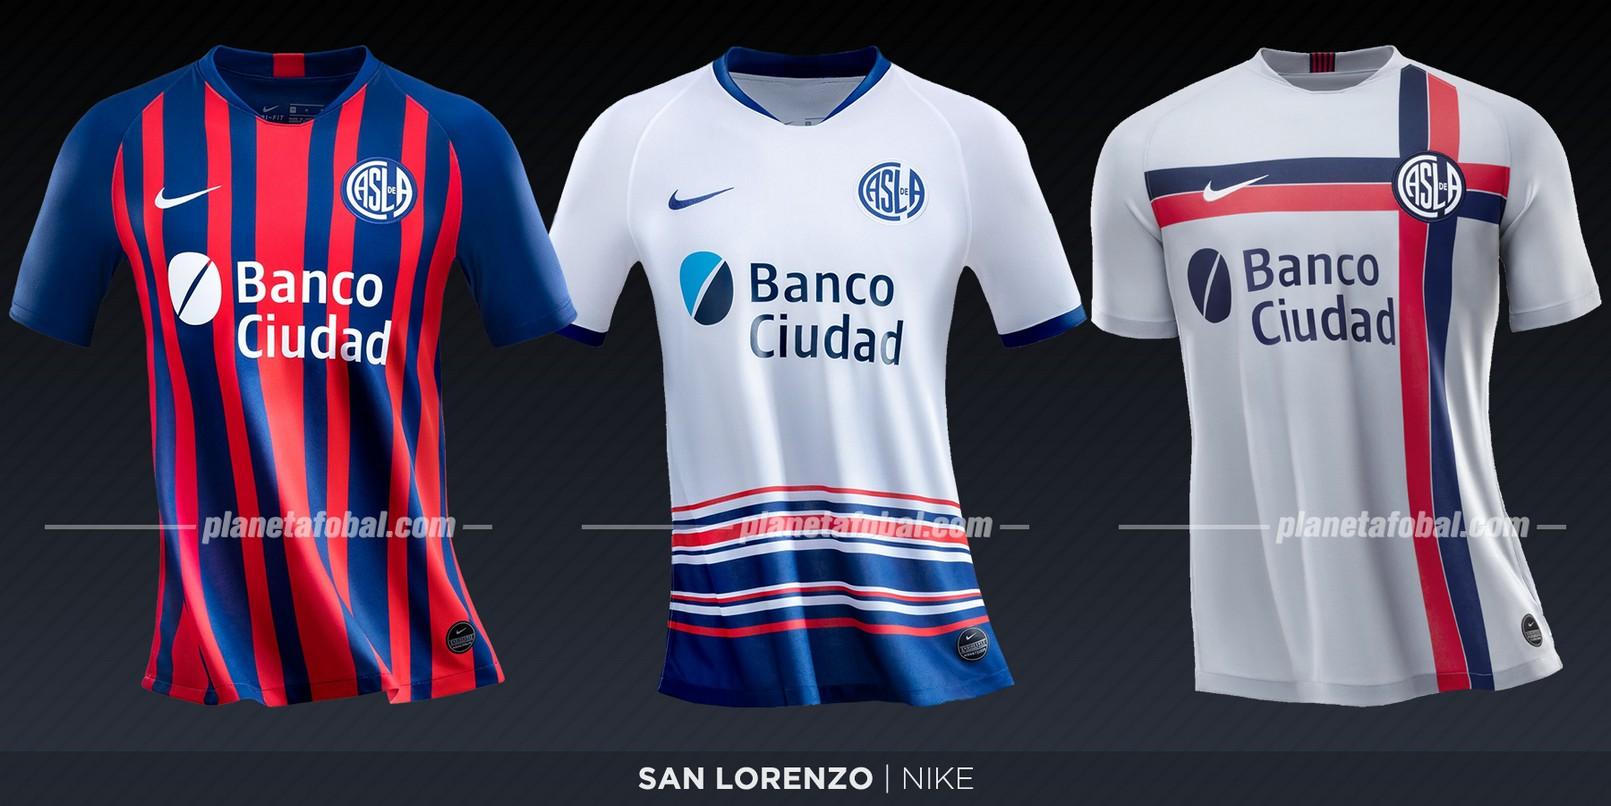 San Lorenzo (Nike) | Camisetas de la Superliga 2019/20